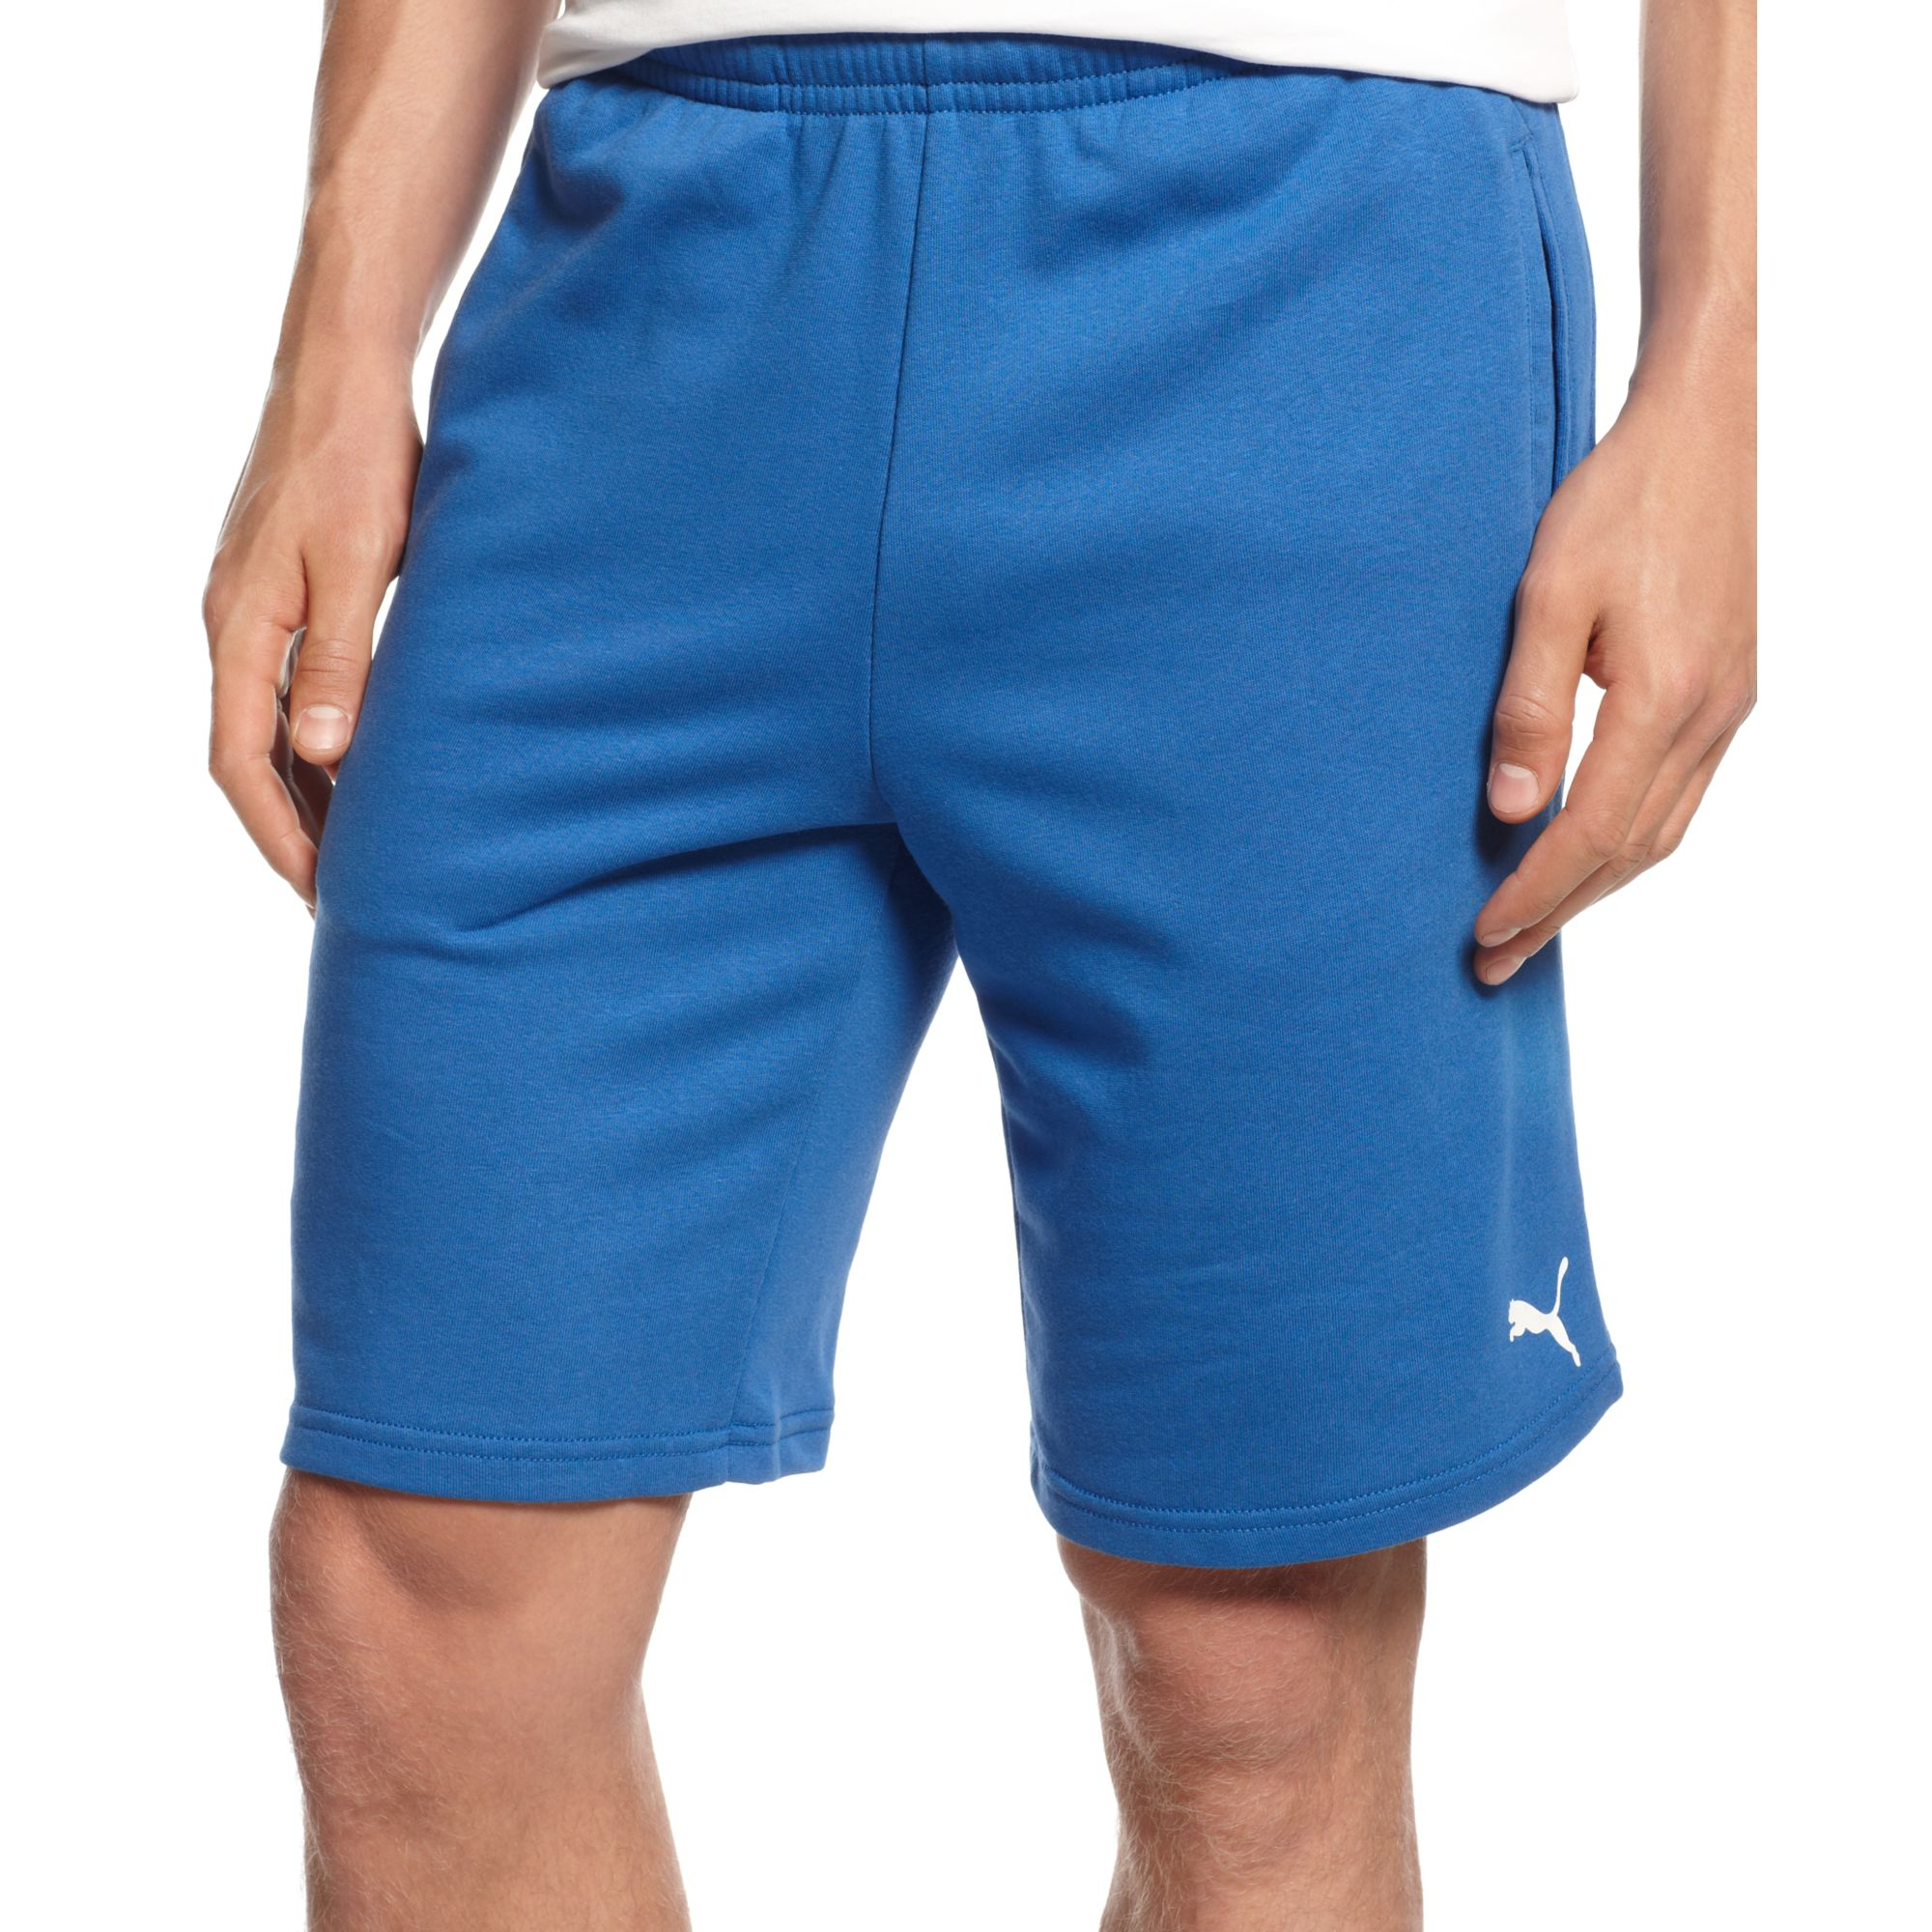 Lyst - PUMA Figc Italia Bermuda Shorts in Blue for Men a44b1059f357a